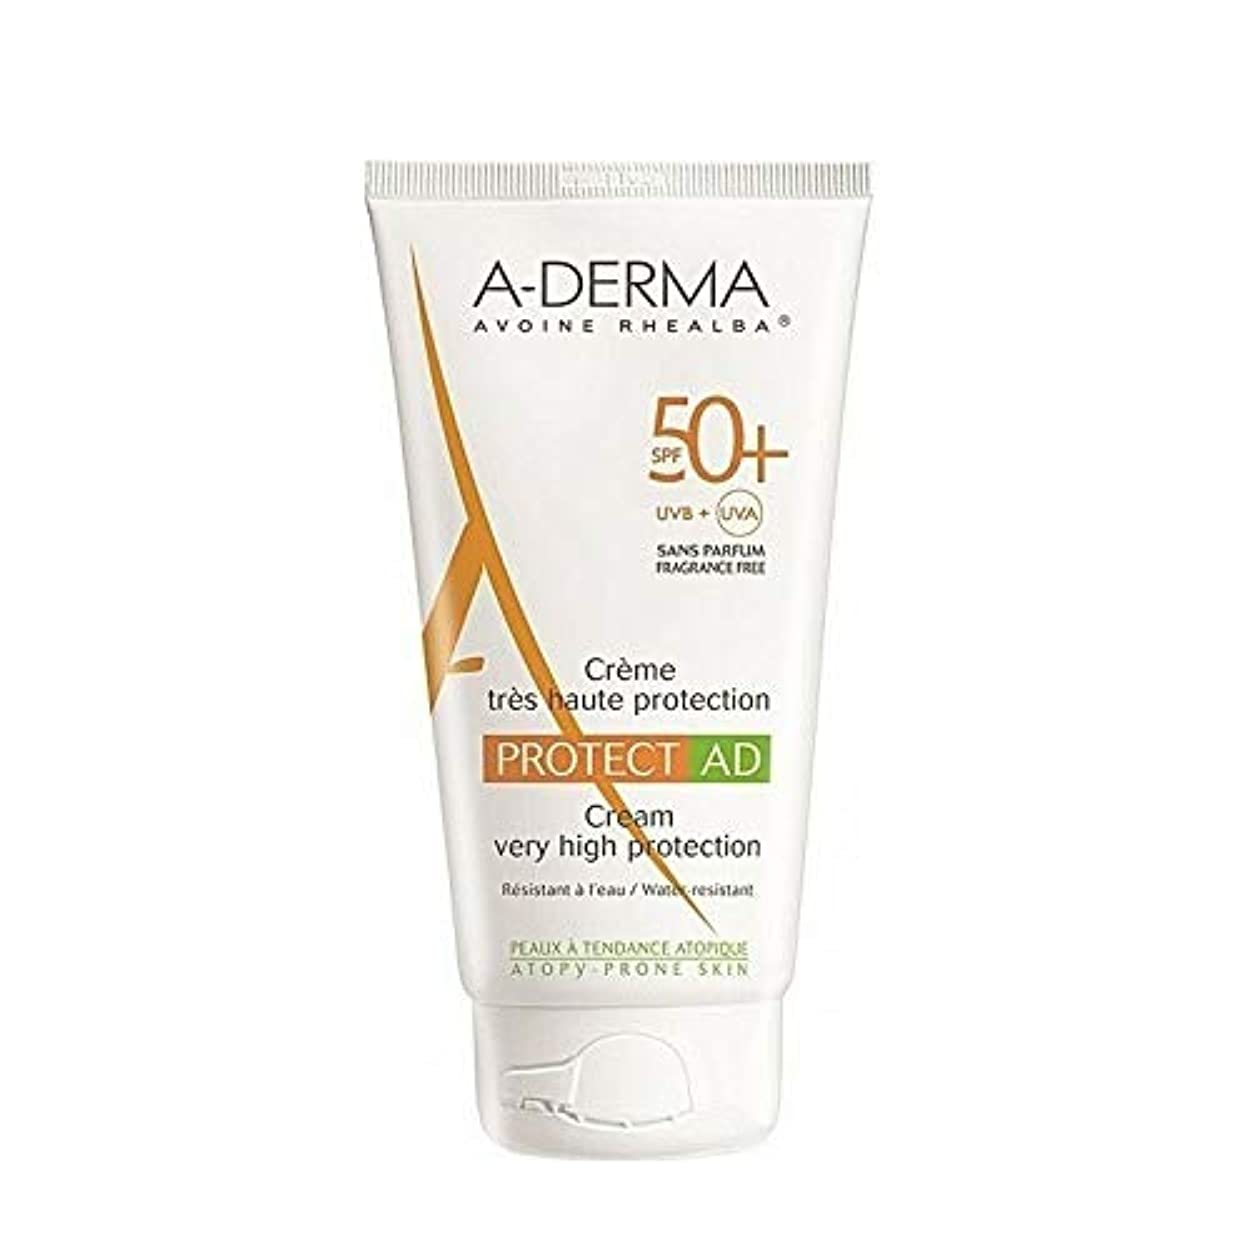 予約嘆く最小A-DERMA Protect AD sun cream サンクリーム (150ml) SPF50+/PA+++ フランス日焼け止め